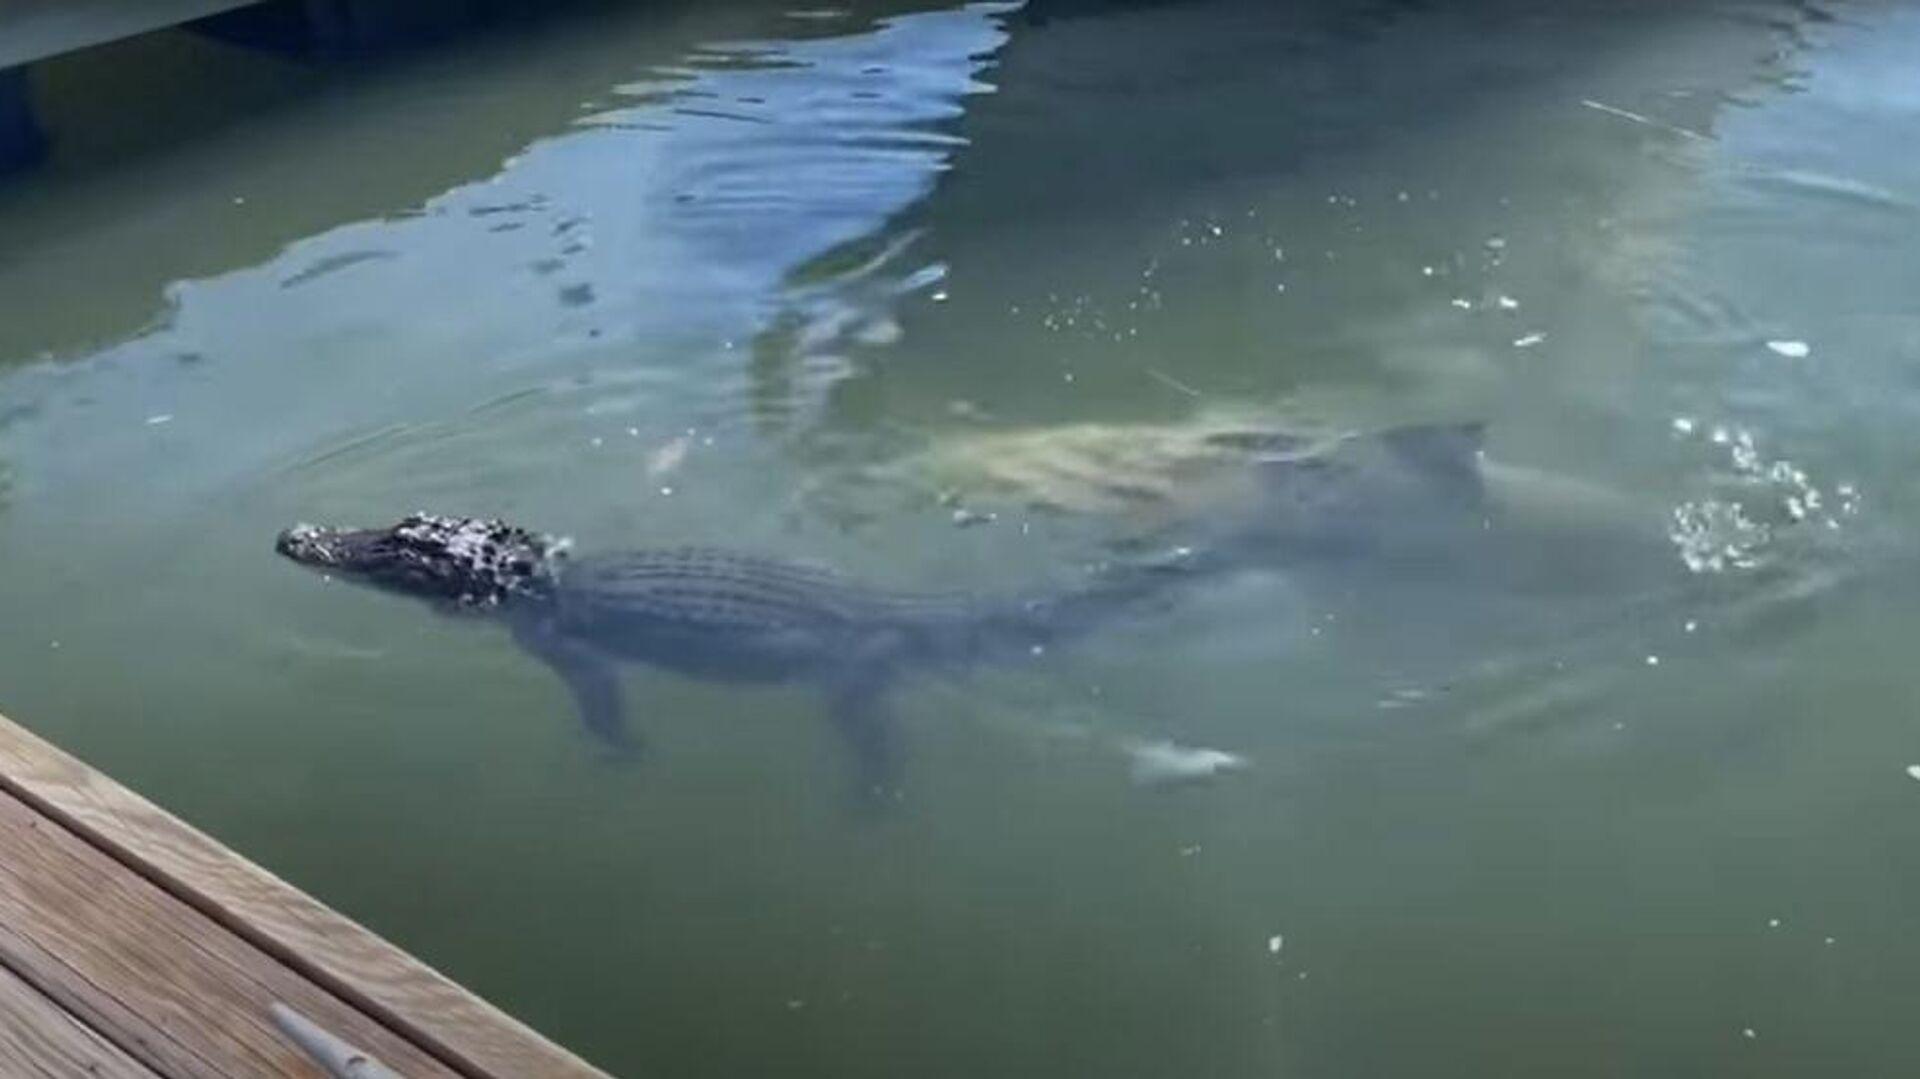 Καρχαρίας δαγκώνει το πόδι αλιγάτορα στη Νότια Καρολίνα των ΗΠΑ - Sputnik Ελλάδα, 1920, 10.10.2021